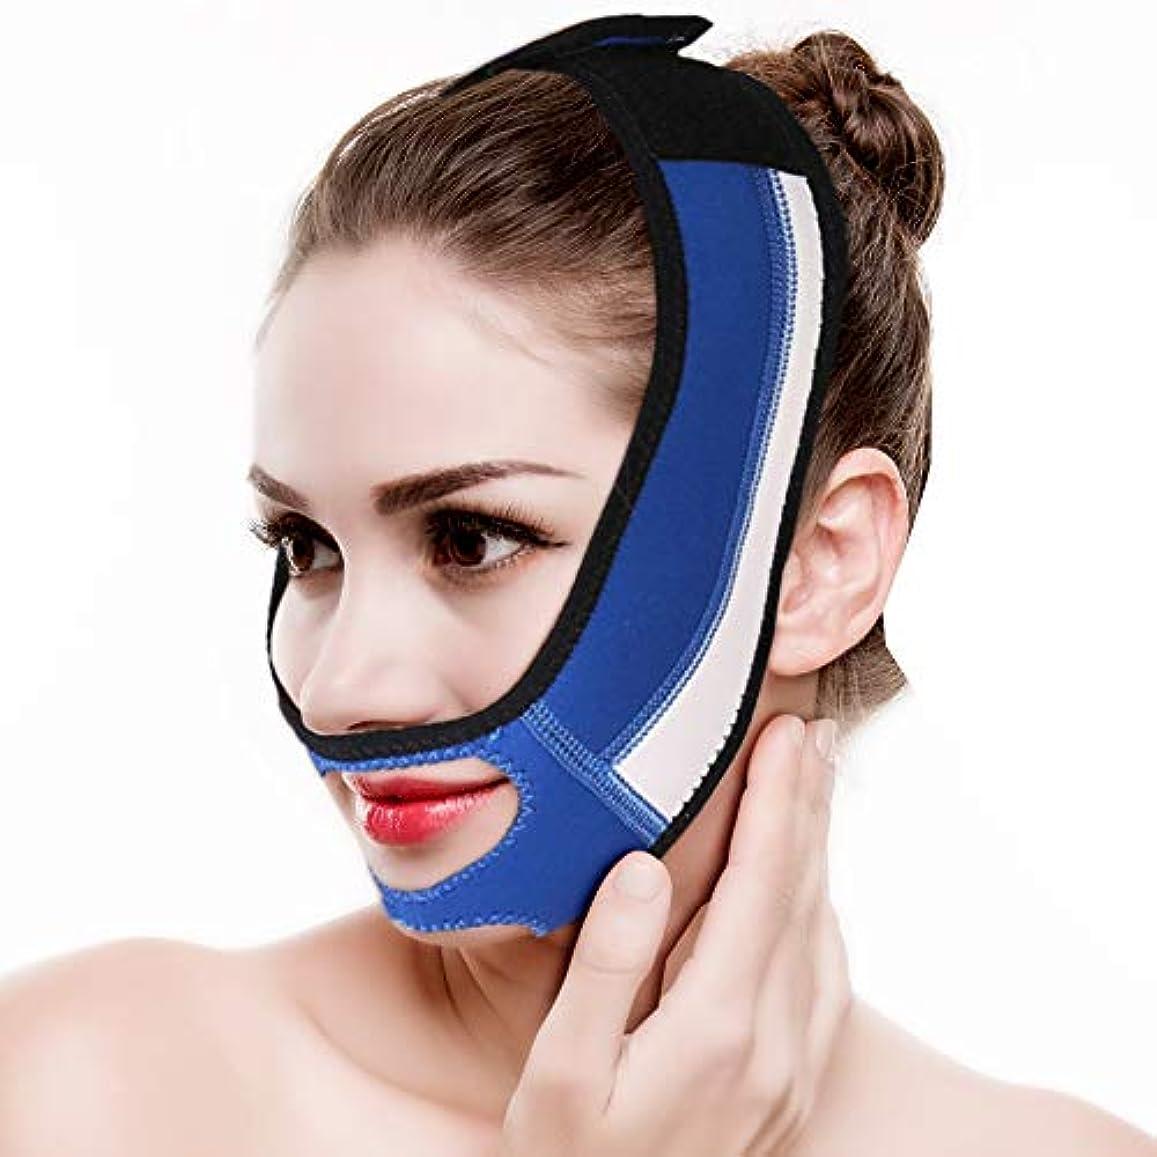 山積みの交じるクリップ蝶Semme顔の細くマスクの上昇の表面ベルトは皮の包帯を調節します、二重あごは調節可能な減量の包帯を取除きます